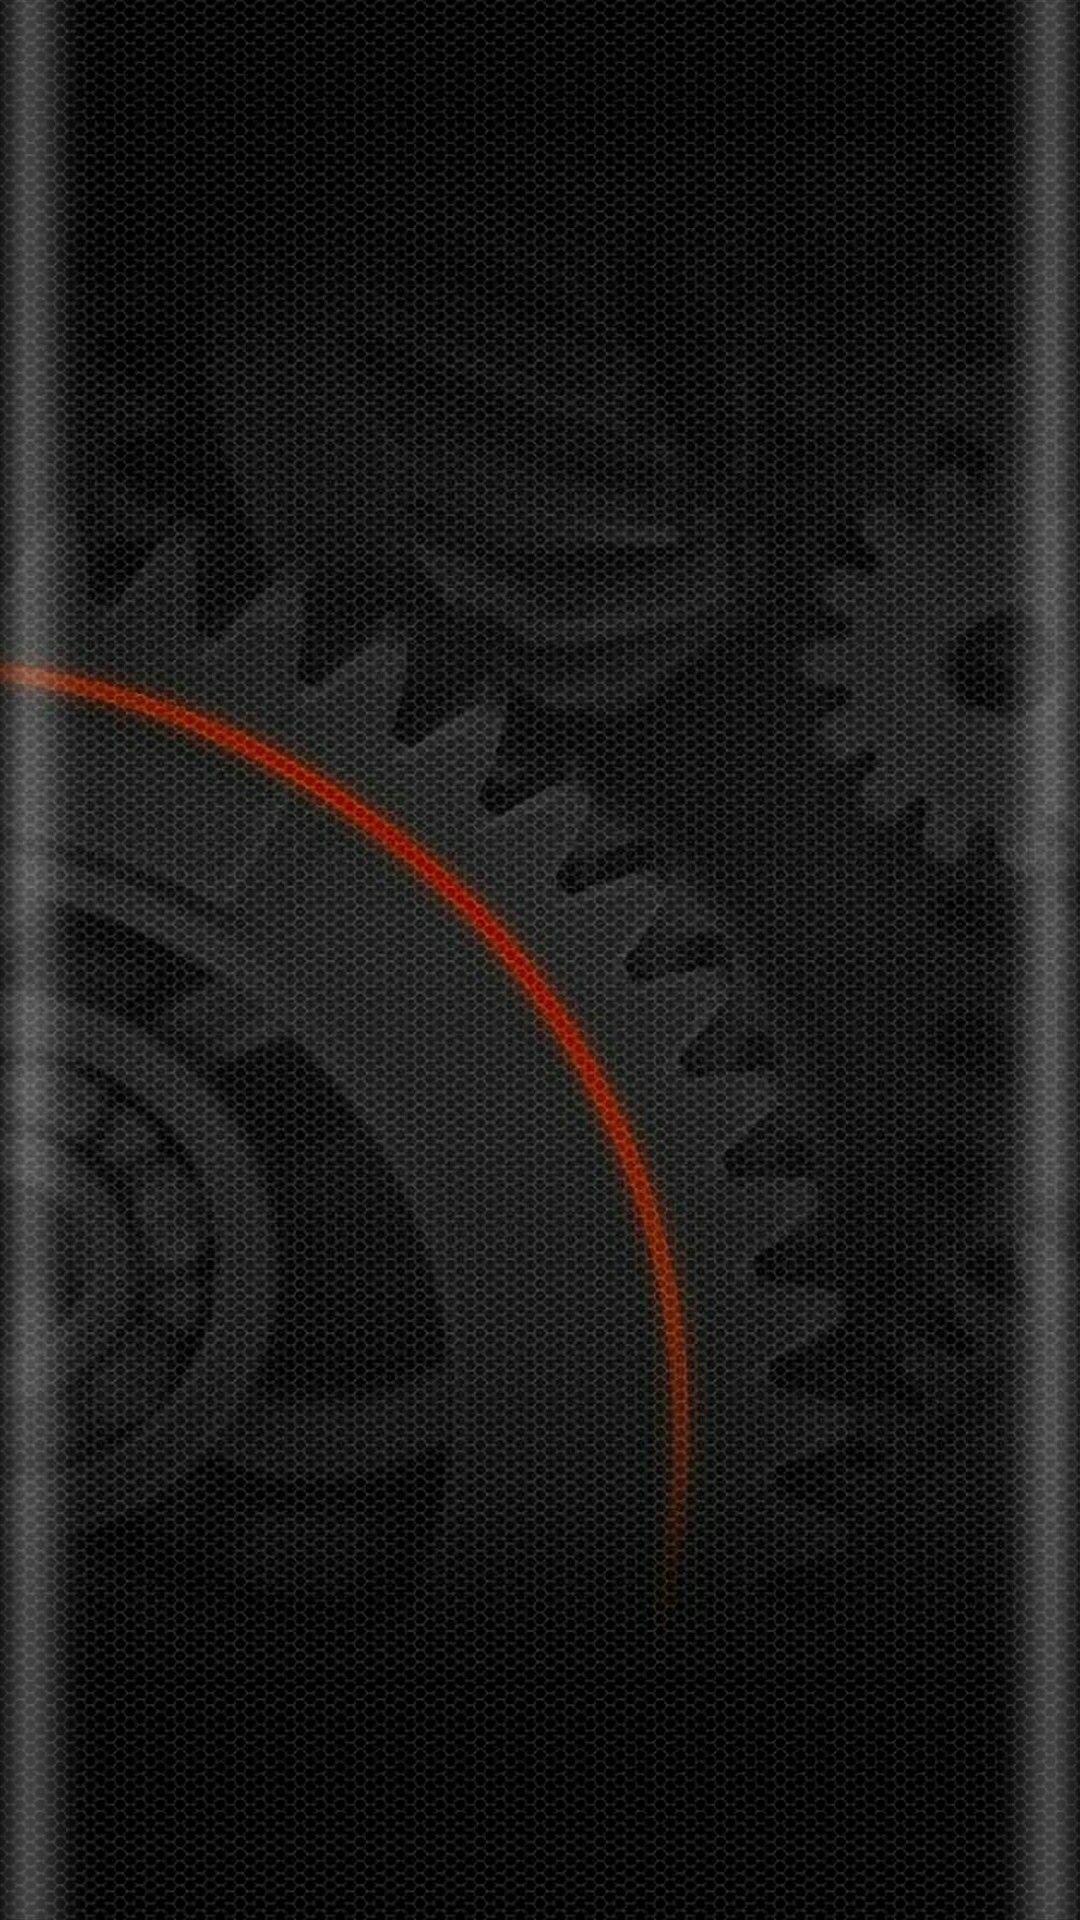 Wallpaper quiksilver iphone 5 - 4f7f149a25cb14cd2d51f838d4229b5b Jpg 1 080 1 920 Piksel